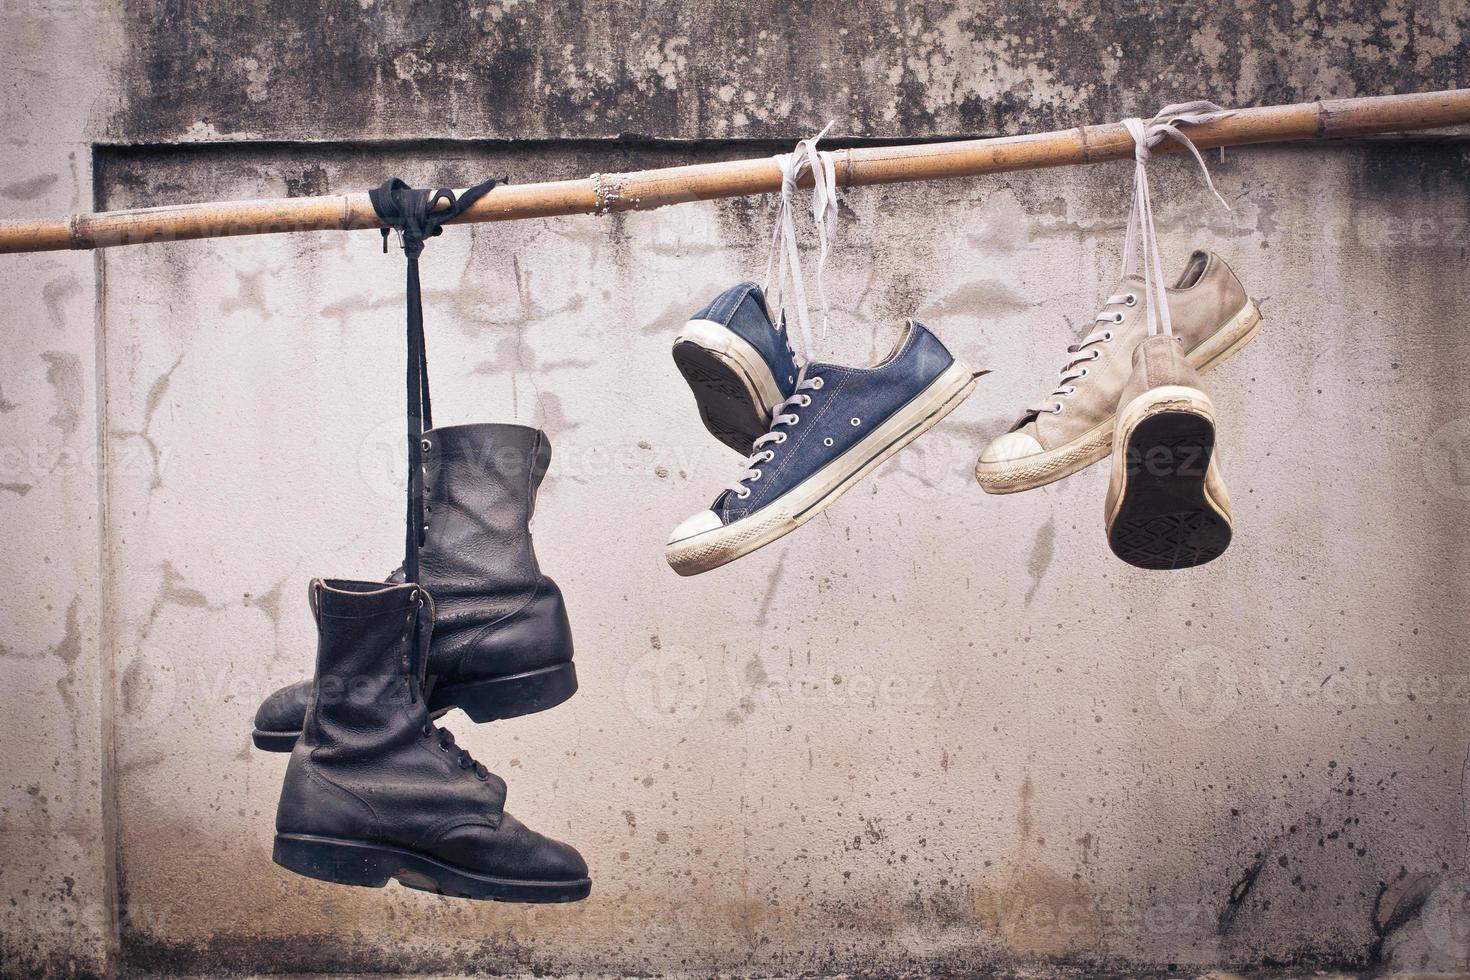 par de tênis velhos e bota velha pendurar foto